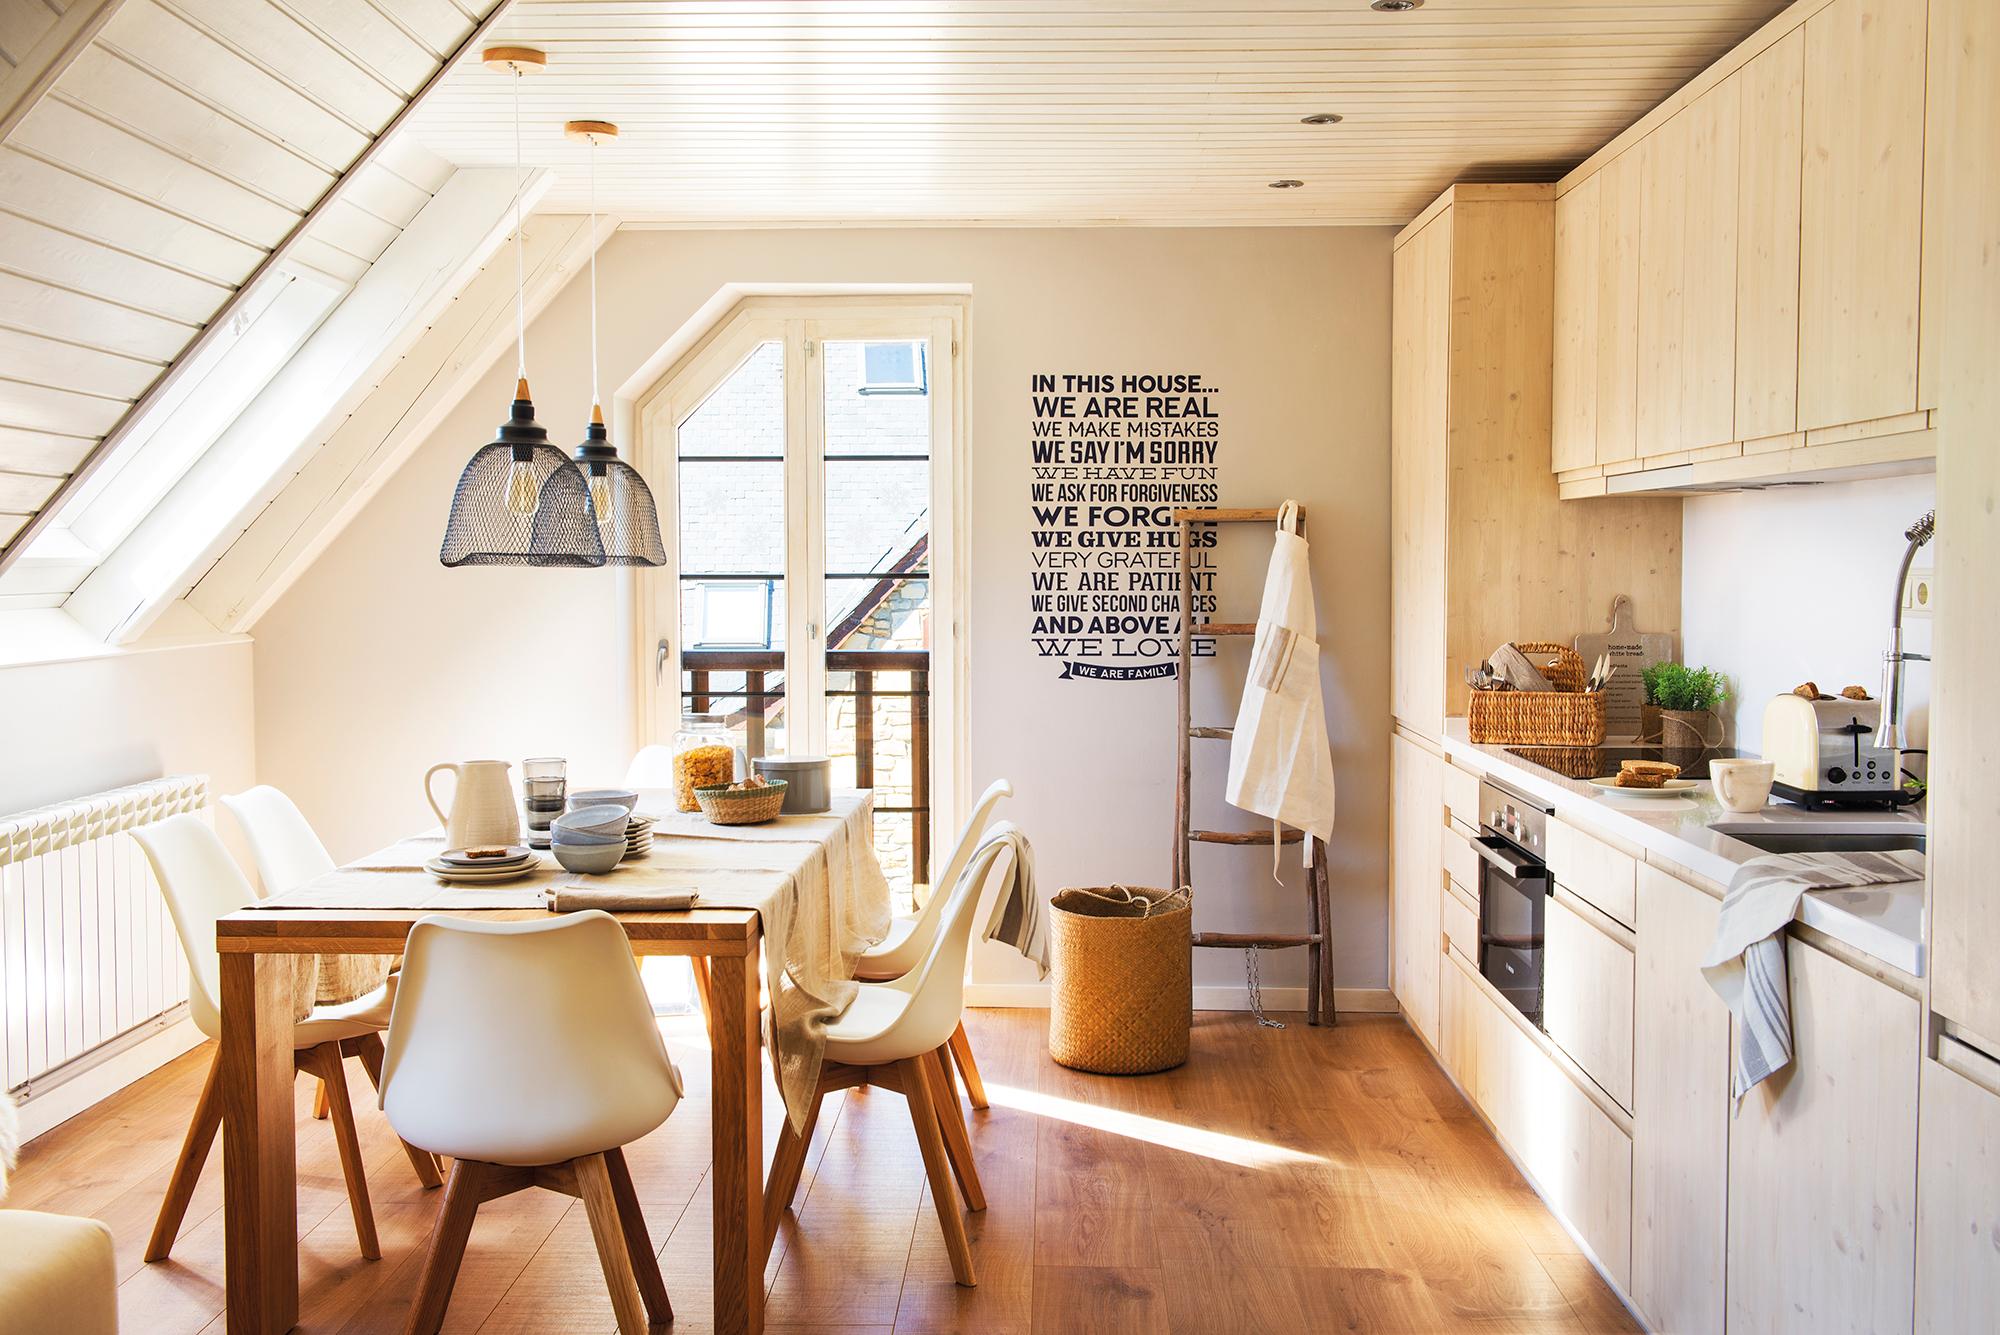 Cocinas peque as en un solo frente for Cocinas rectangulares pequeñas